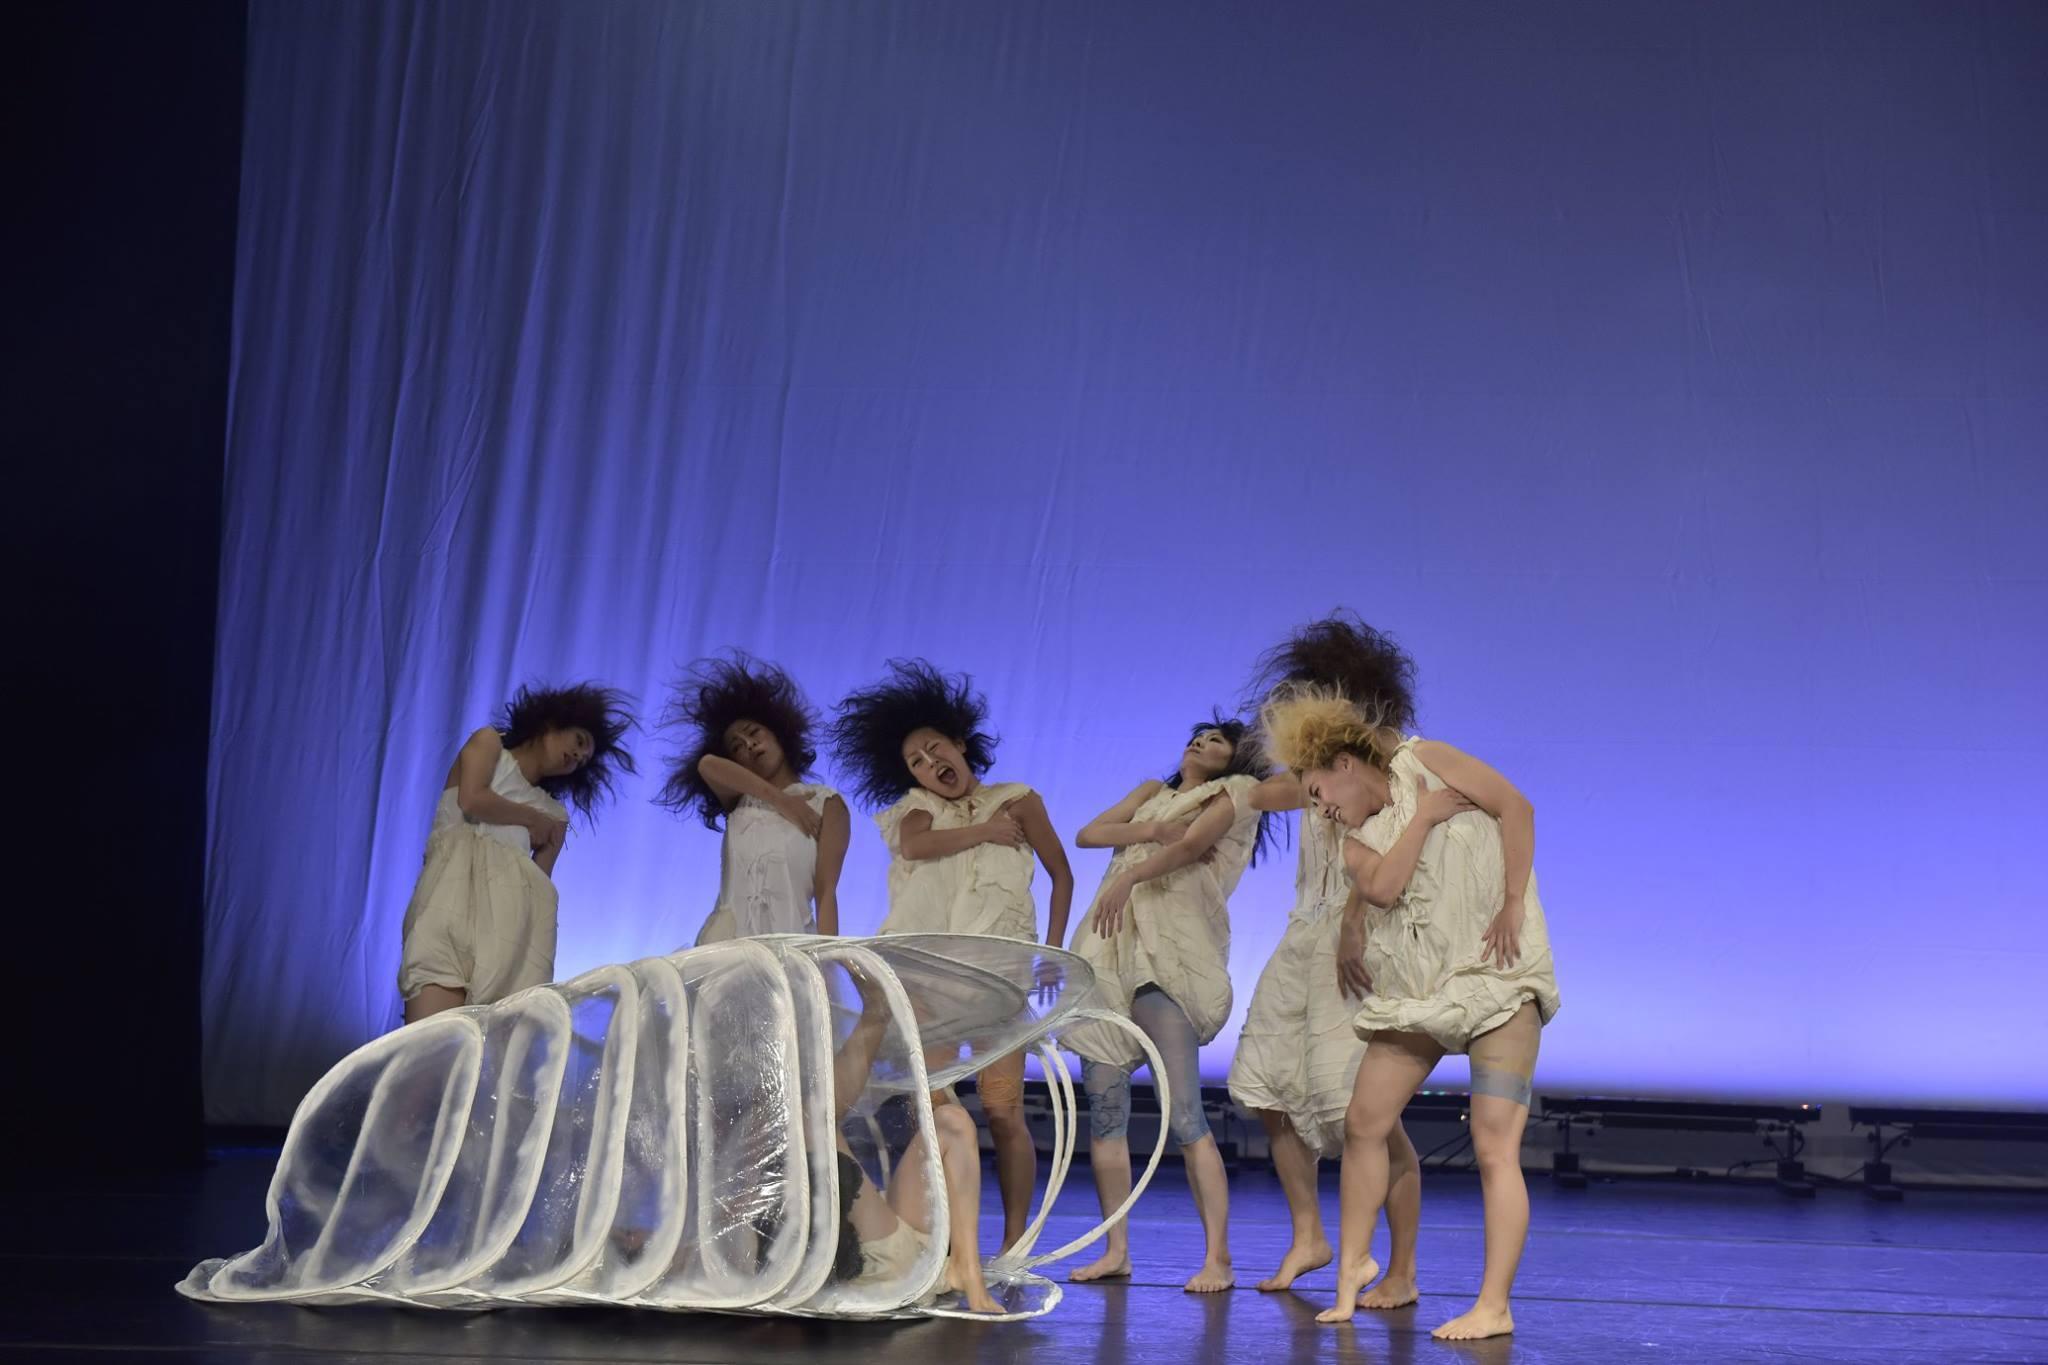 メキシコ公演を終えたマドモアゼル・シネマの一行が凱旋帰国_d0178431_20062345.jpg